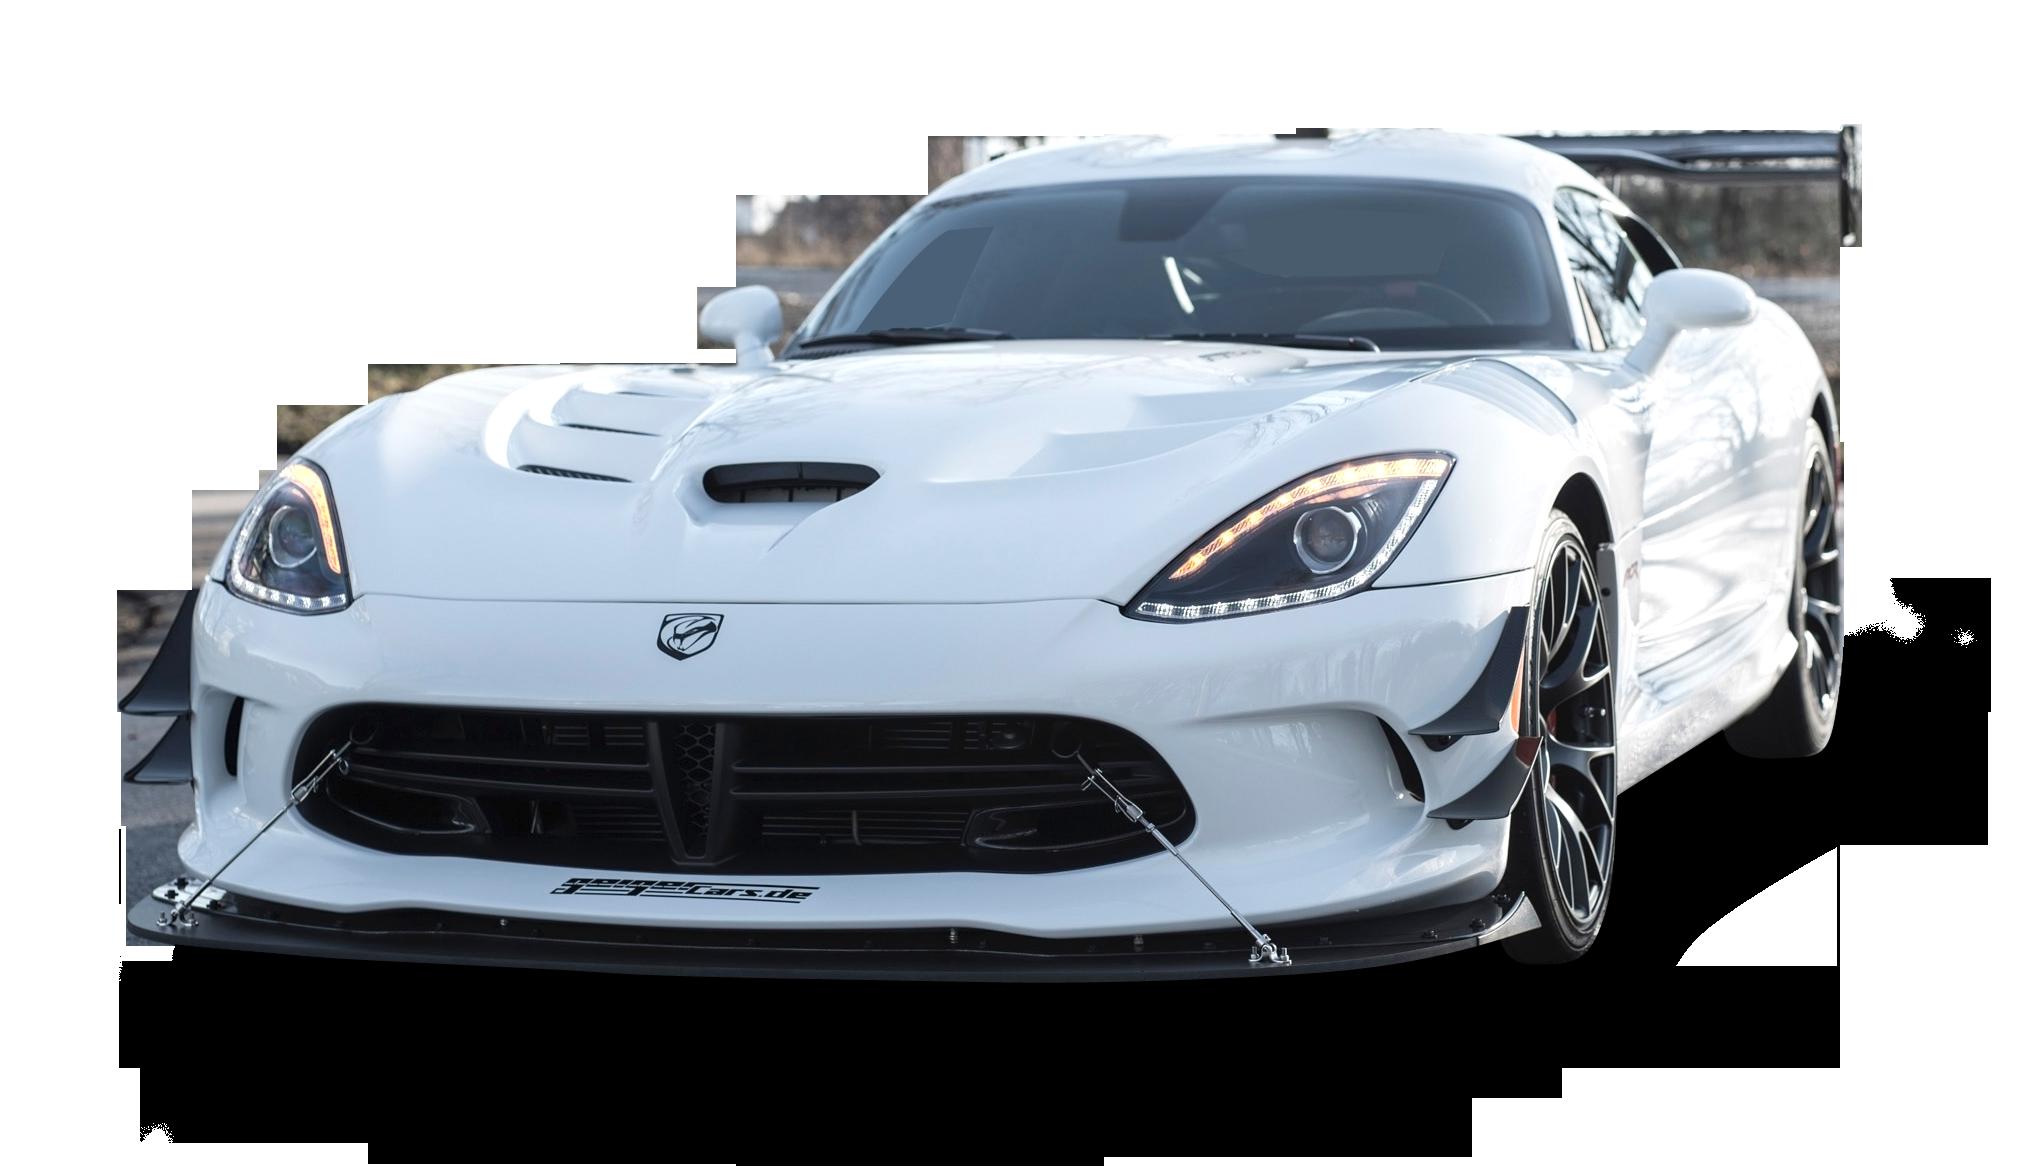 White Dodge Viper ACR Car